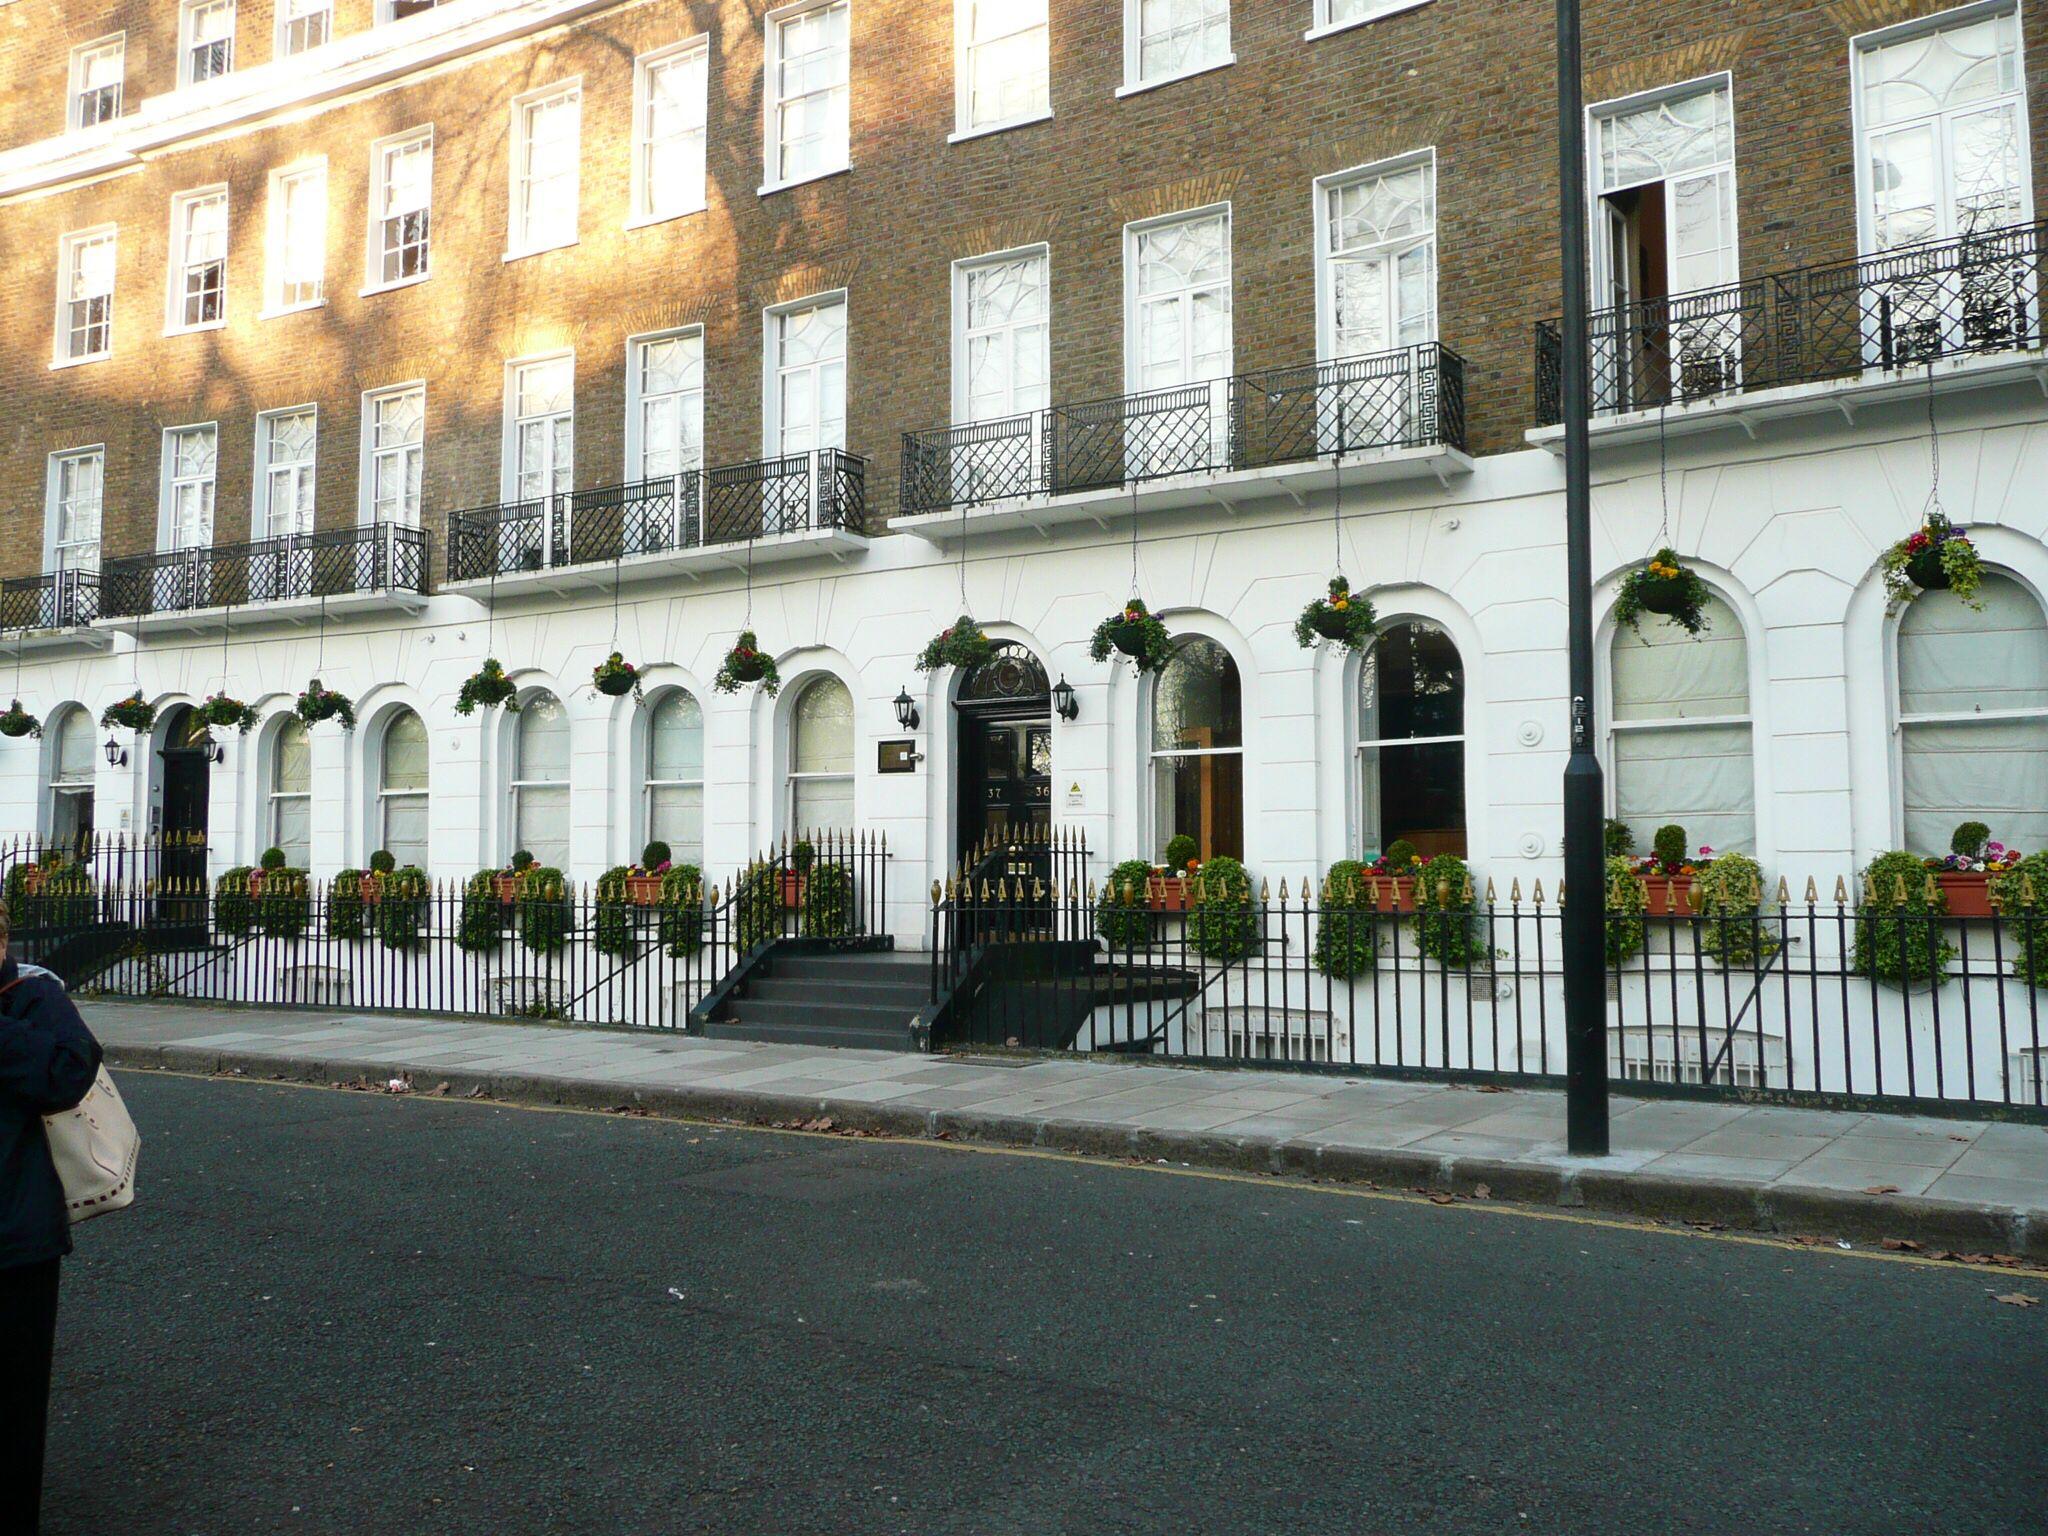 64c686be773a550022e13e92729b3f62 - Studios 2 Let Serviced Apartments Cartwright Gardens Tripadvisor